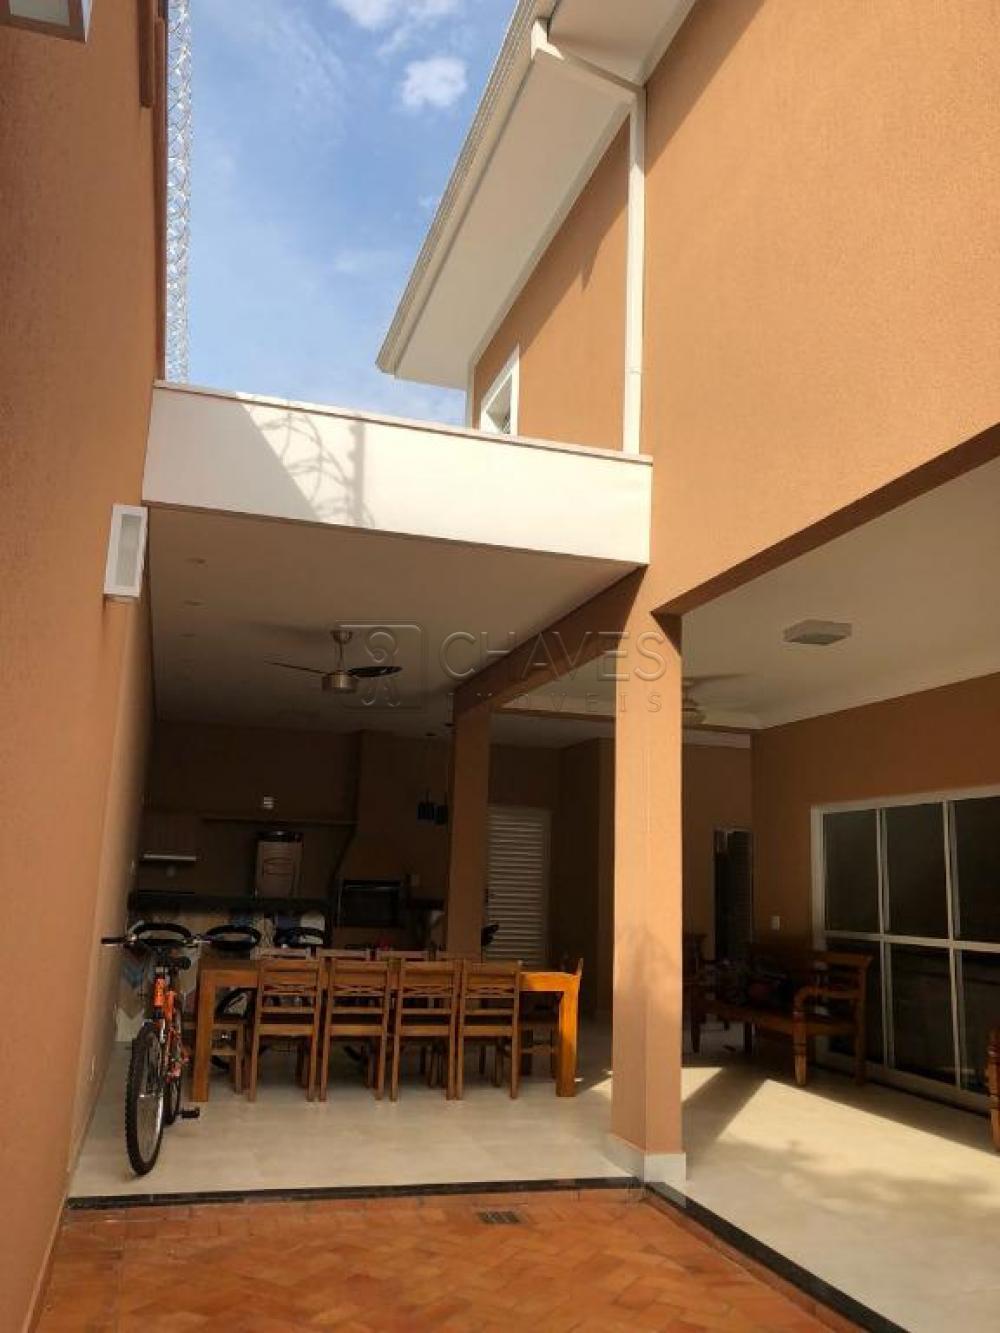 Comprar Casa / Condomínio em Ribeirão Preto apenas R$ 1.280.000,00 - Foto 24